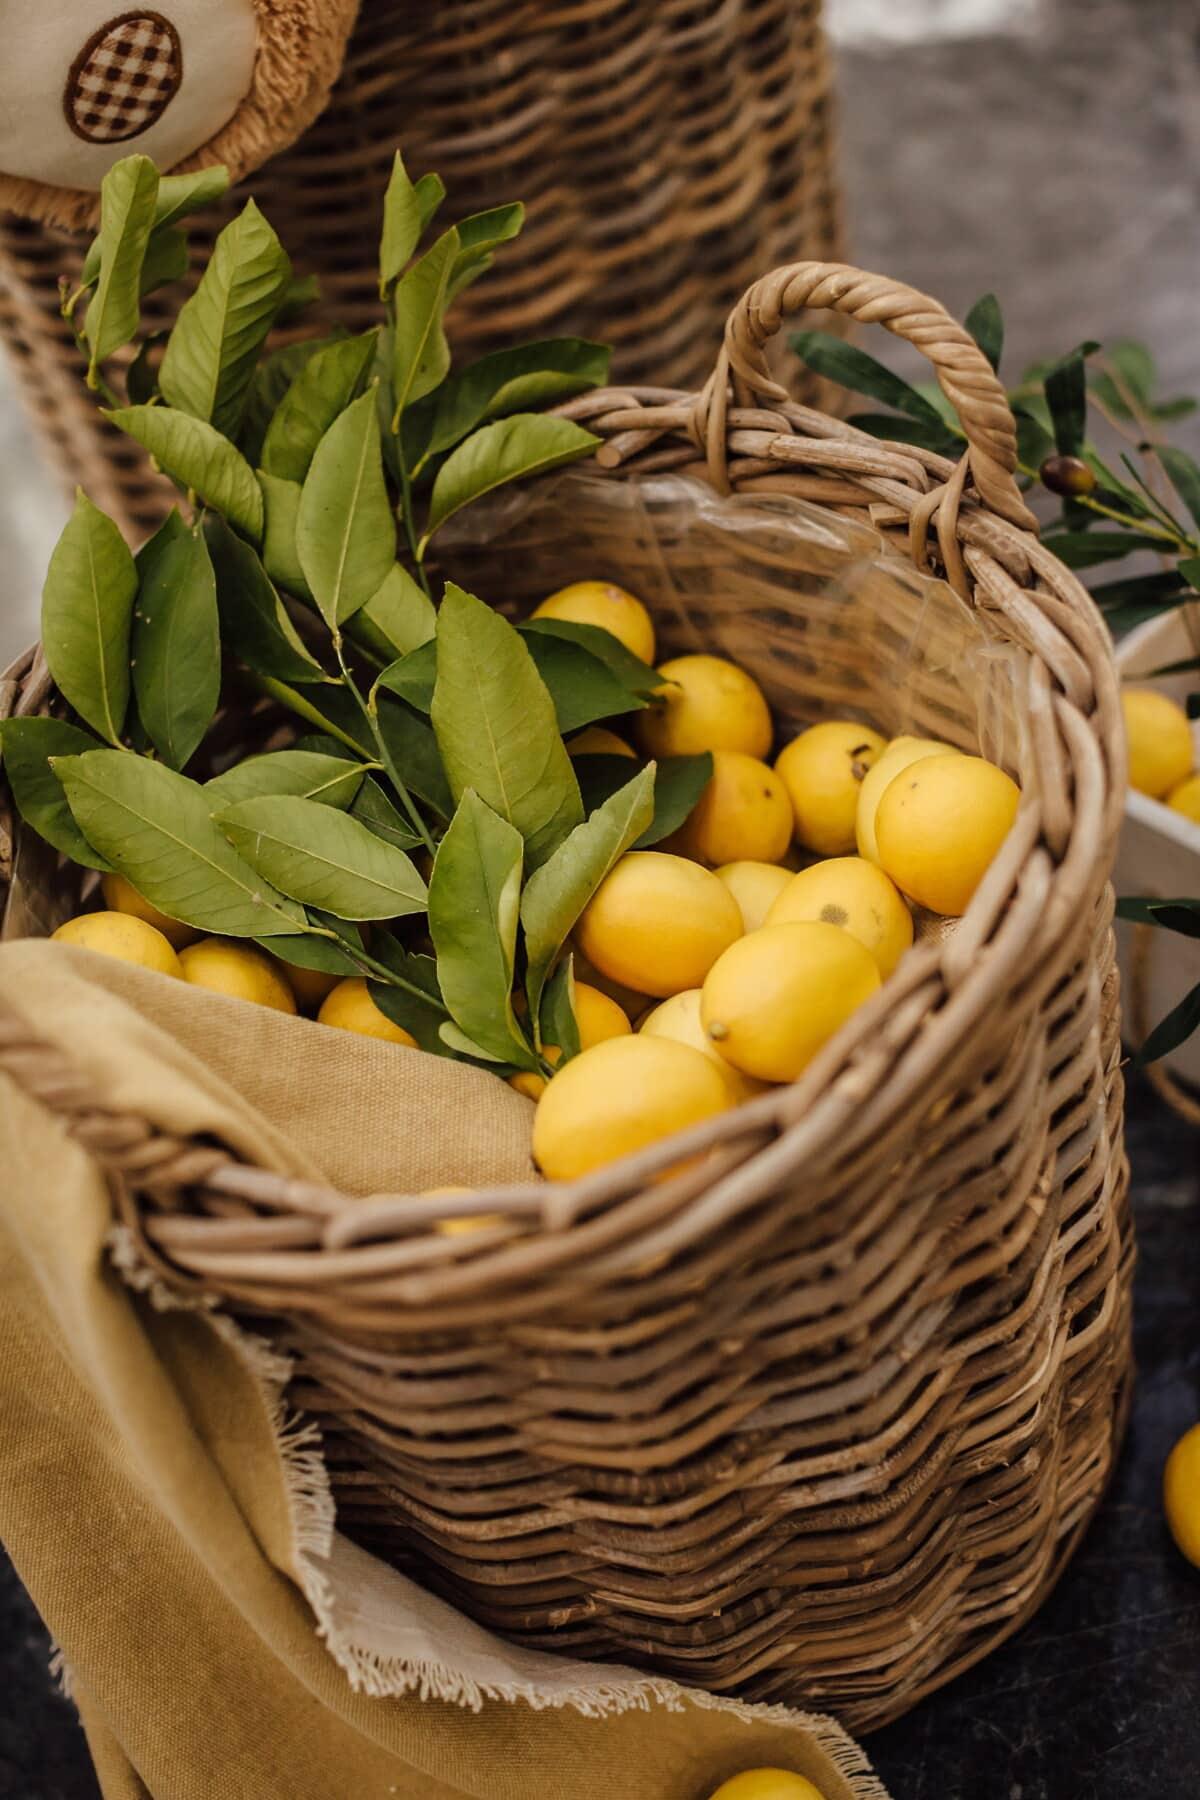 Bio, Zitrone, Weidenkorb, Marktplatz, Produkte, Ware, Korb, Zitrus, Produkte, Obst